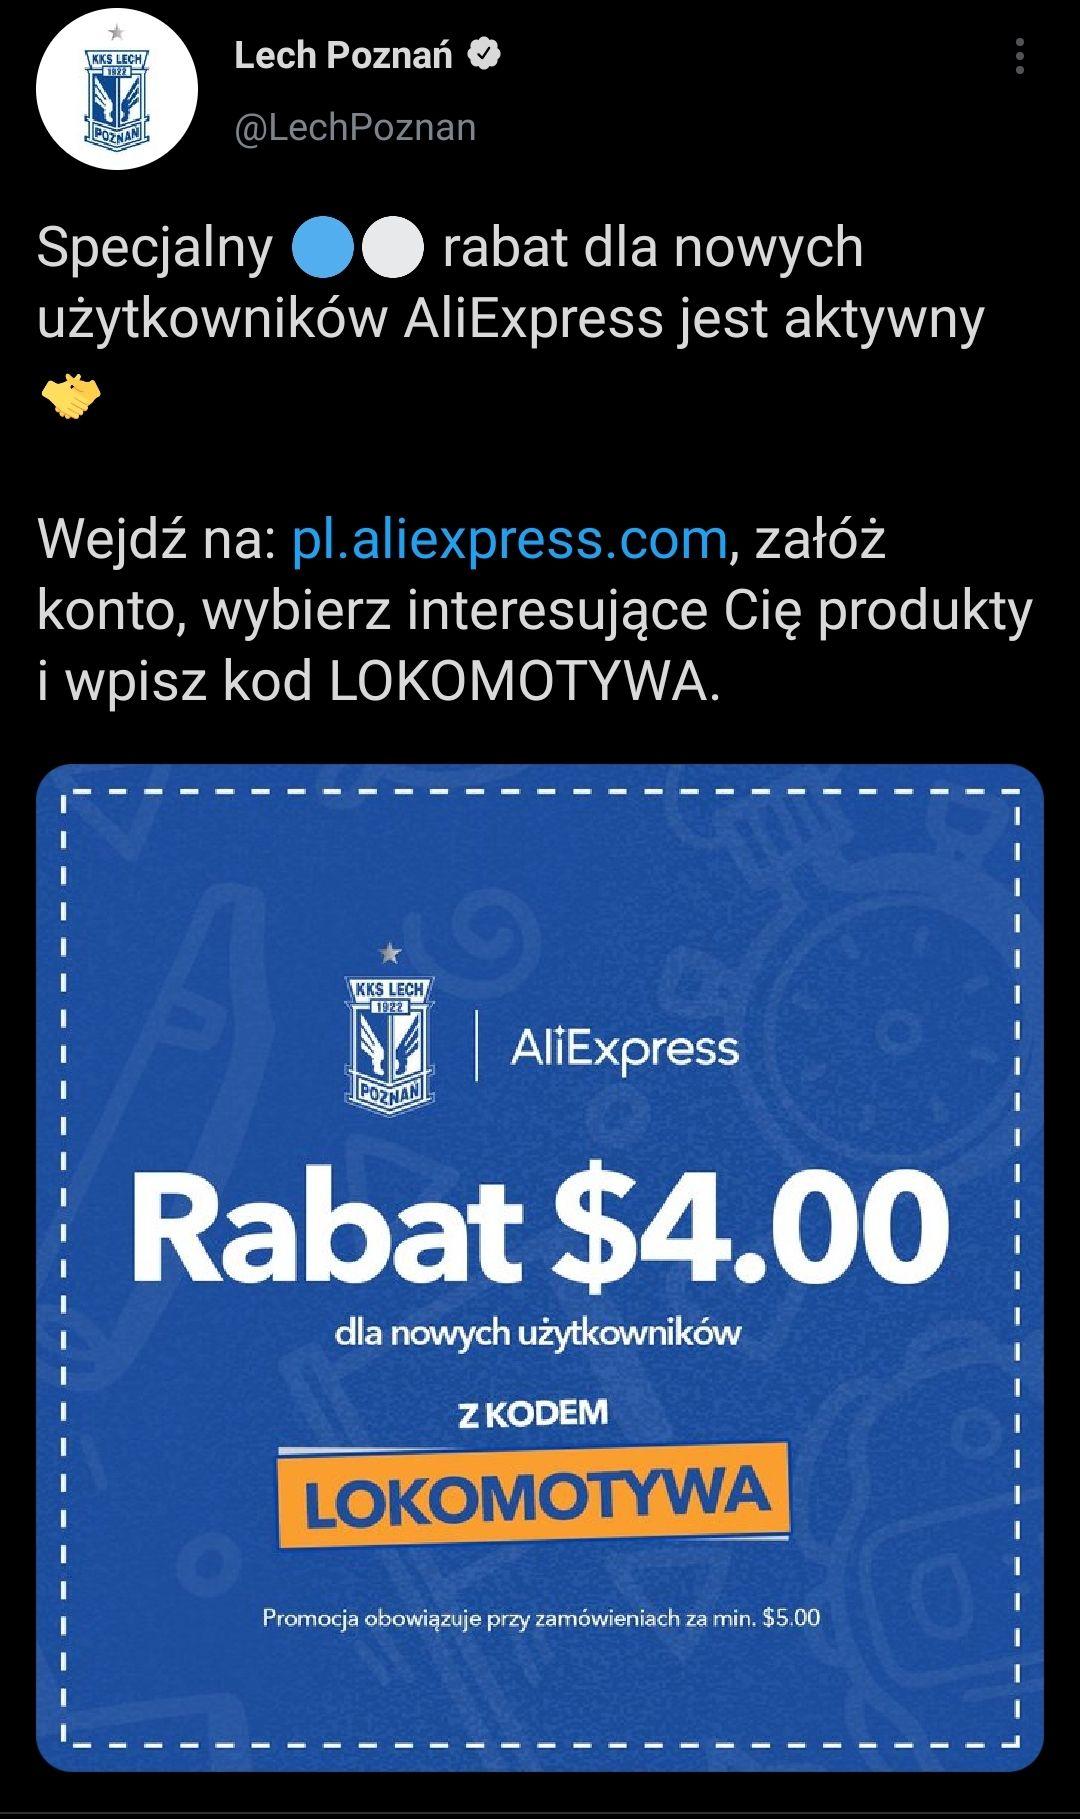 Kod dla nowych użytkowników na AliExpress - 4$